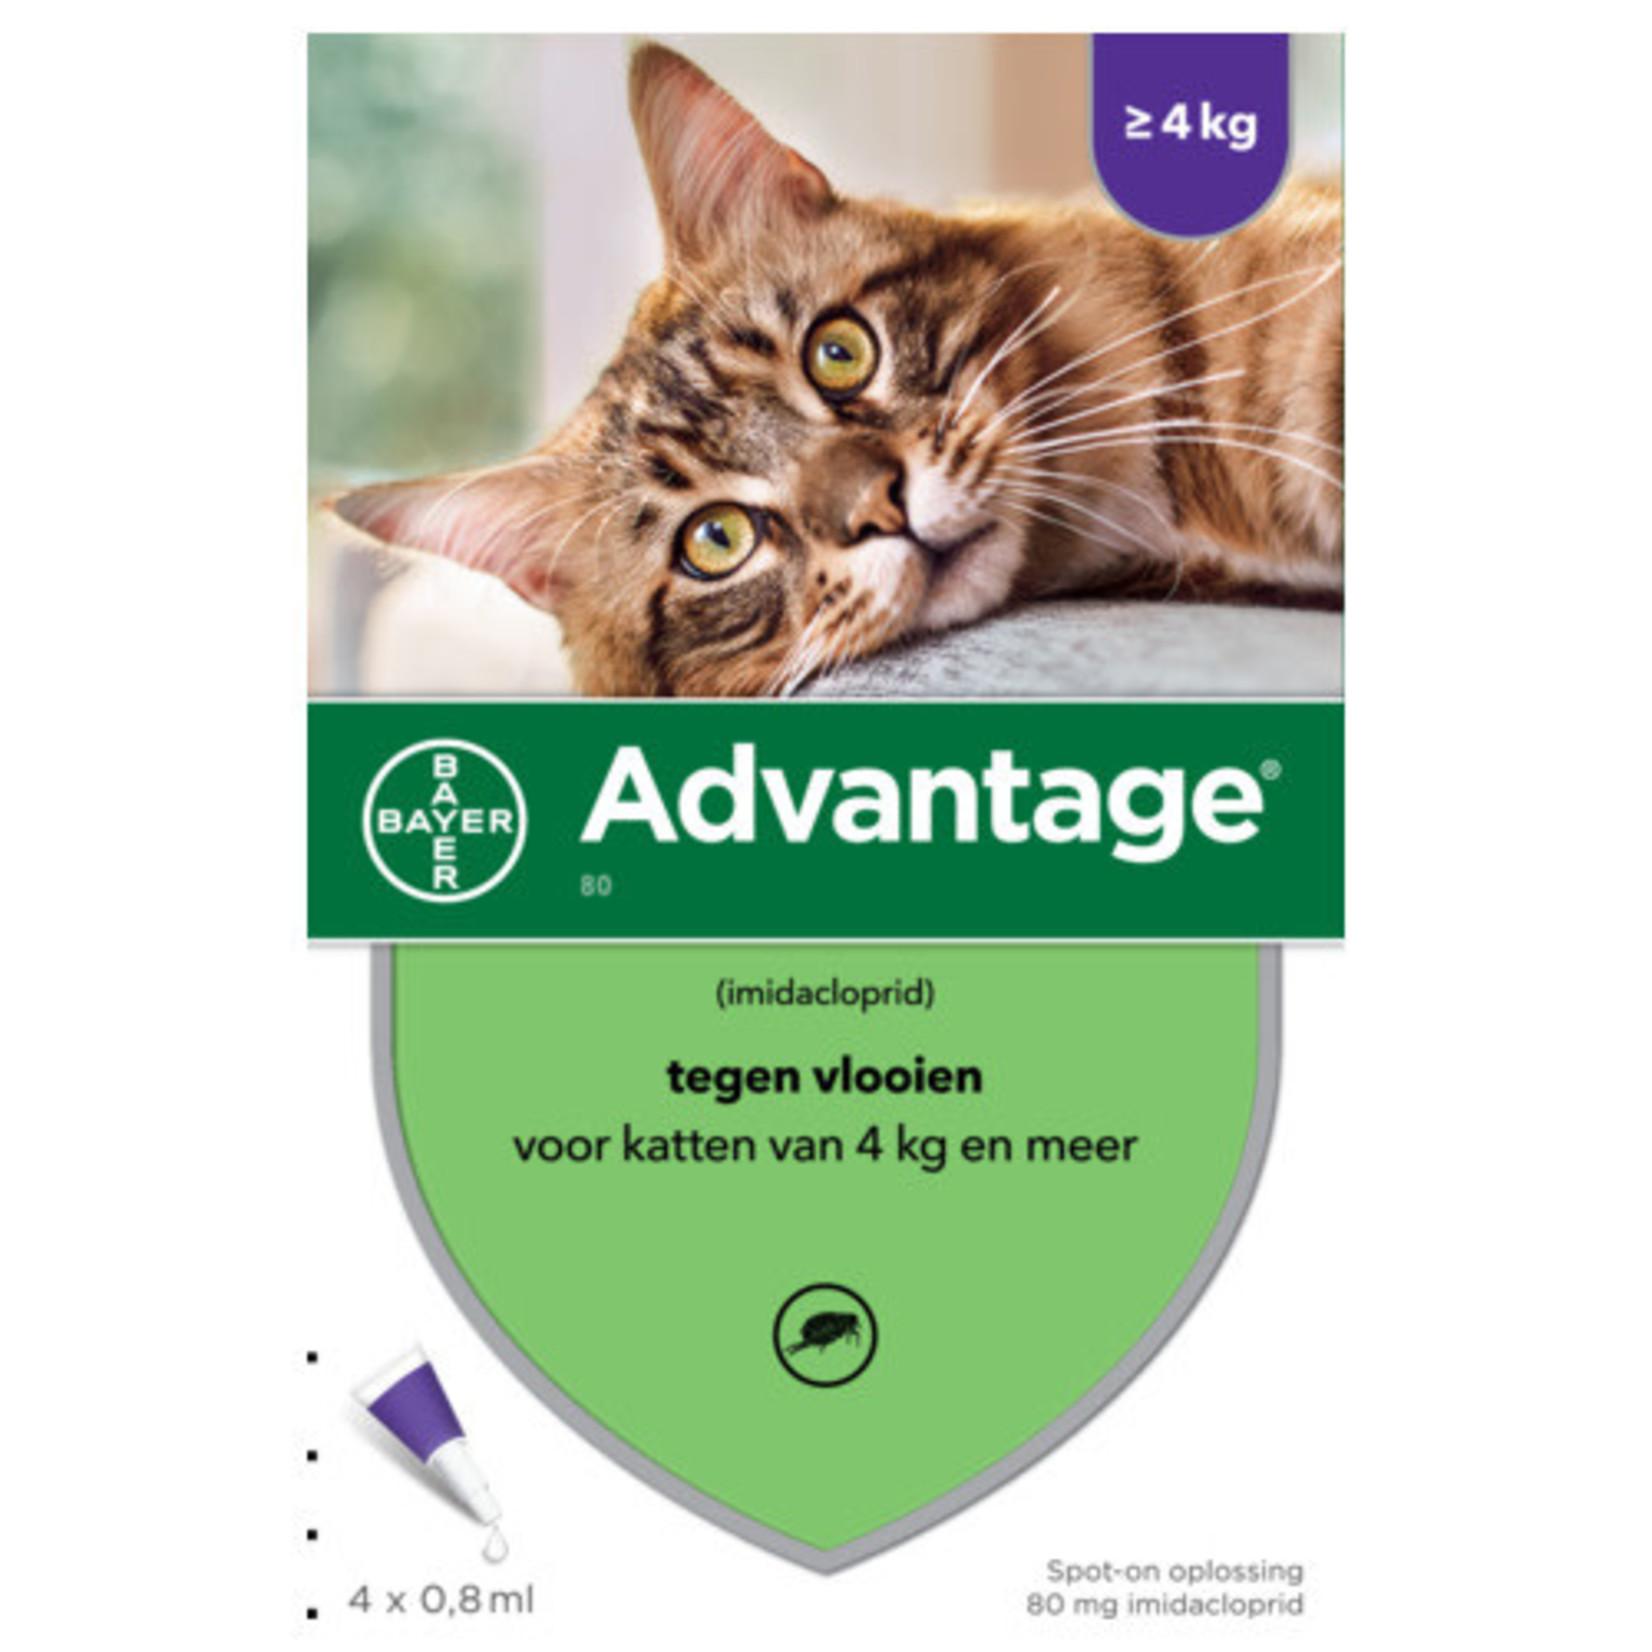 Advantage Advantage kat 80 (vanaf 4 kg)